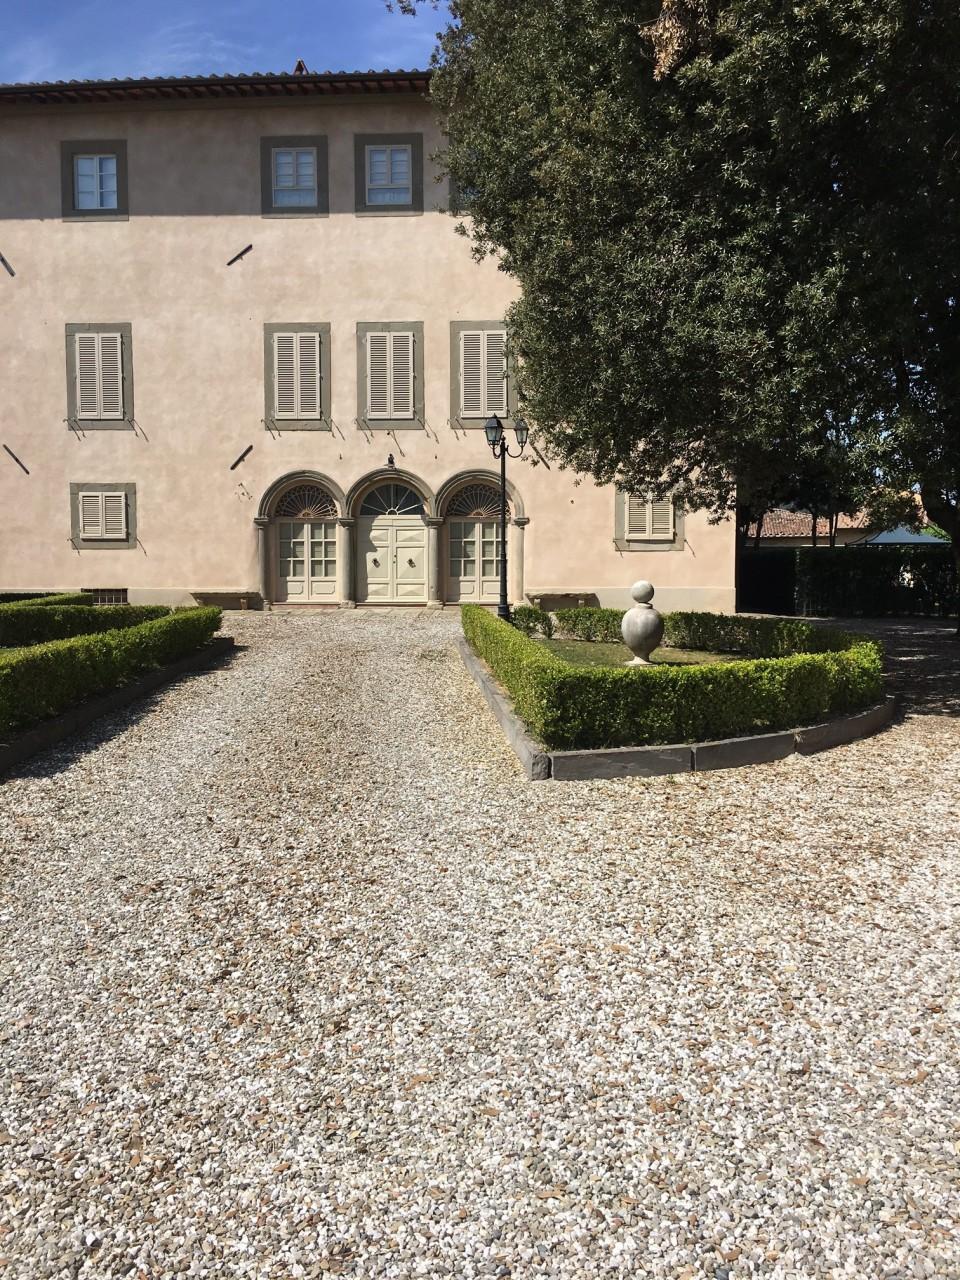 Attico / Mansarda in vendita a Casciana Terme Lari, 3 locali, prezzo € 135.000   PortaleAgenzieImmobiliari.it